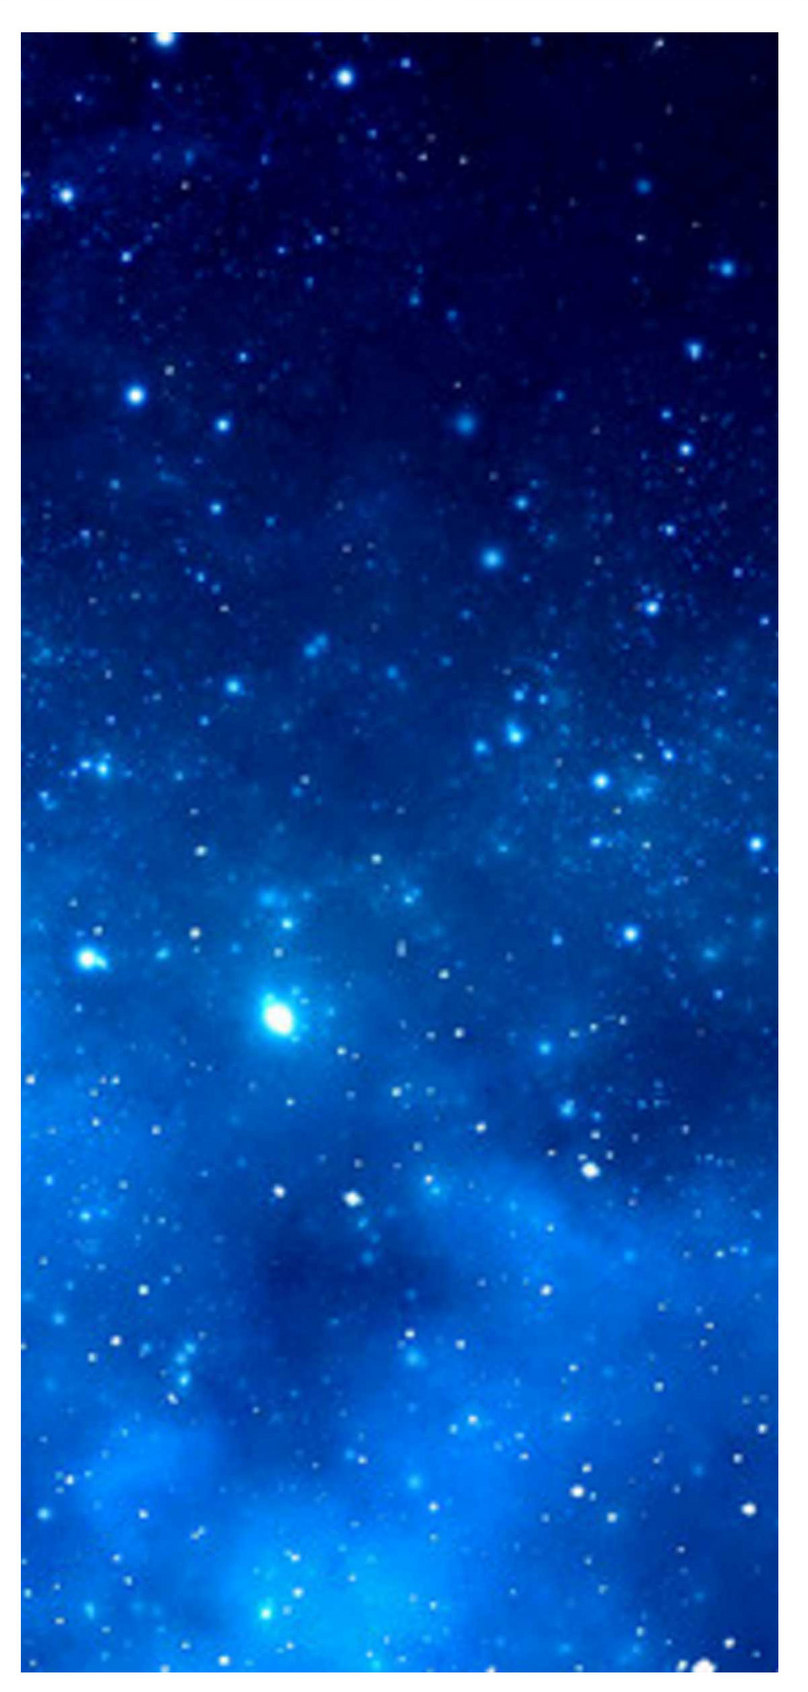 青い夜空の携帯電話の壁紙イメージ 背景 Id 400378098 Prf画像